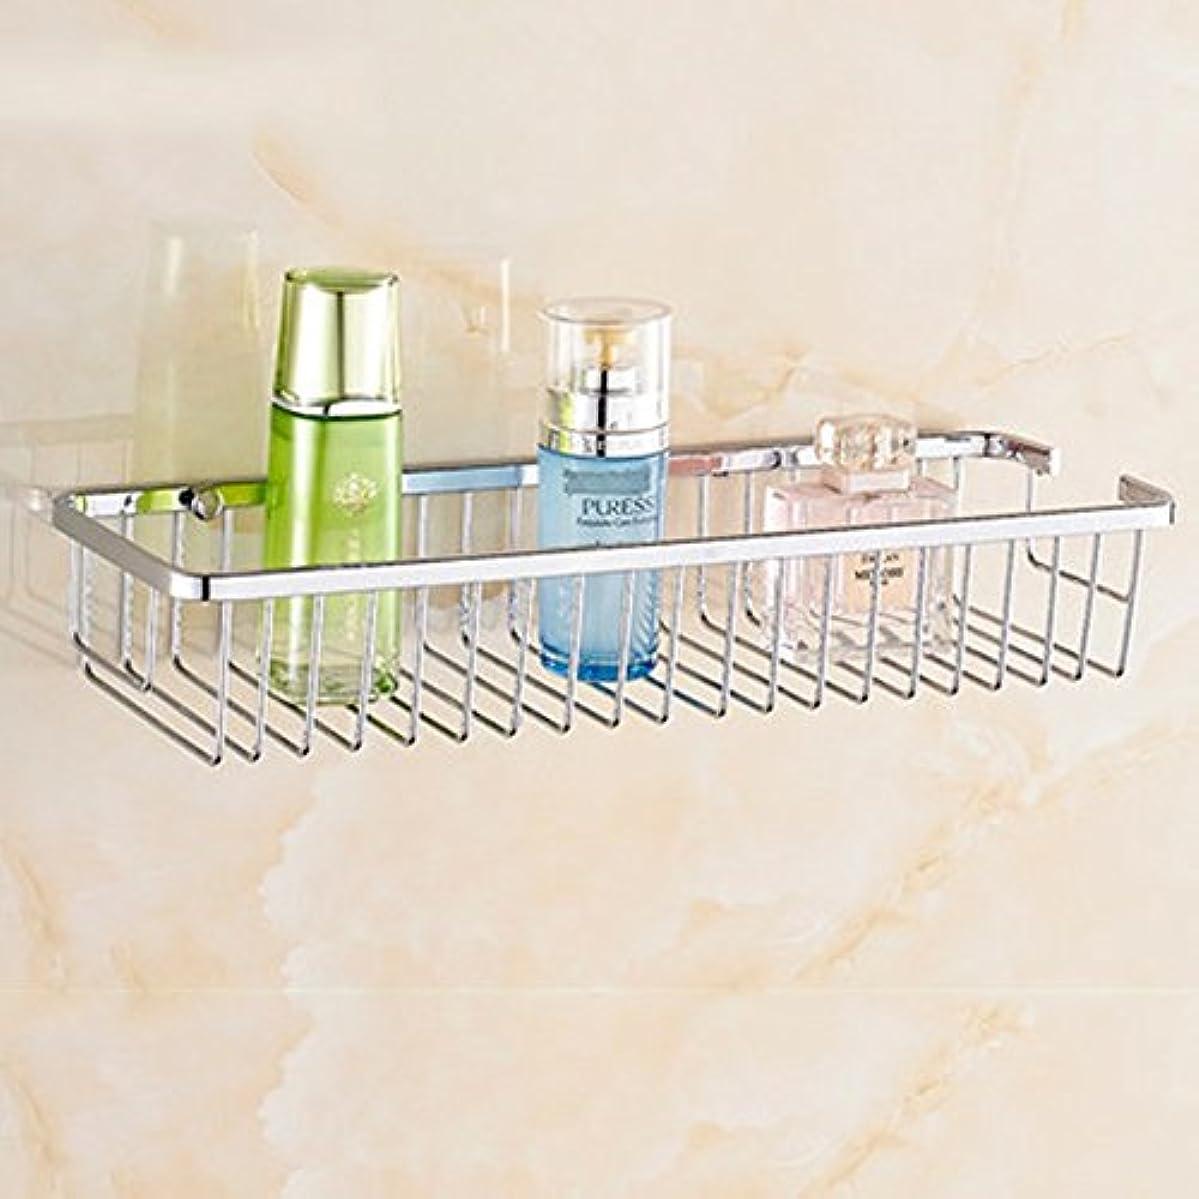 トレイモニカ邪悪なZZLX 304ステンレススチールバスルームラックバスルーム棚シングルレイヤーダブルレイヤー四角形バスケット(オプションのサイズ)(オプションのレイヤー) ロングハンドル風呂ブラシ (色 : A, サイズ さいず : 30cm)